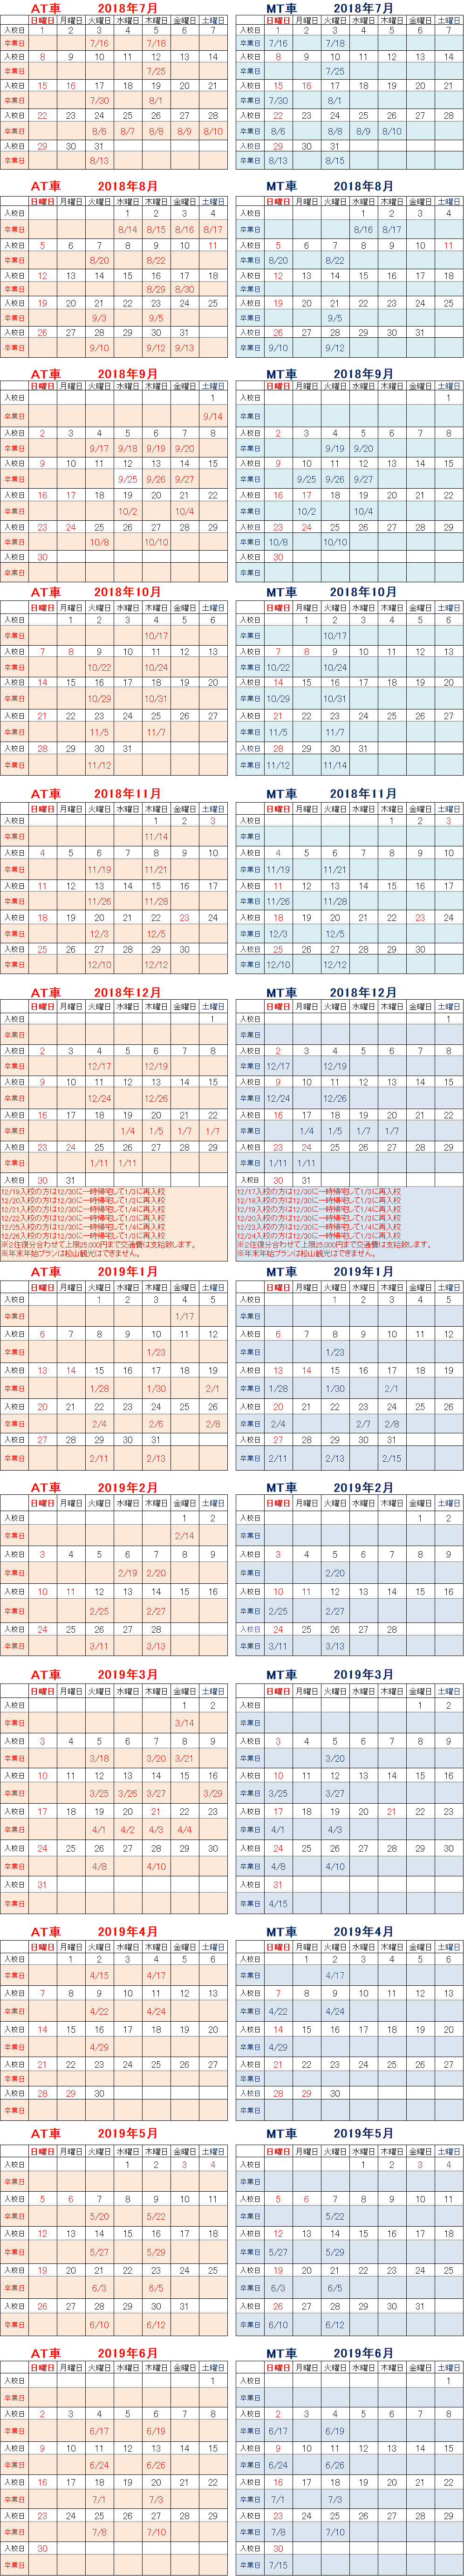 2019春入卒表WEB貼り付け用